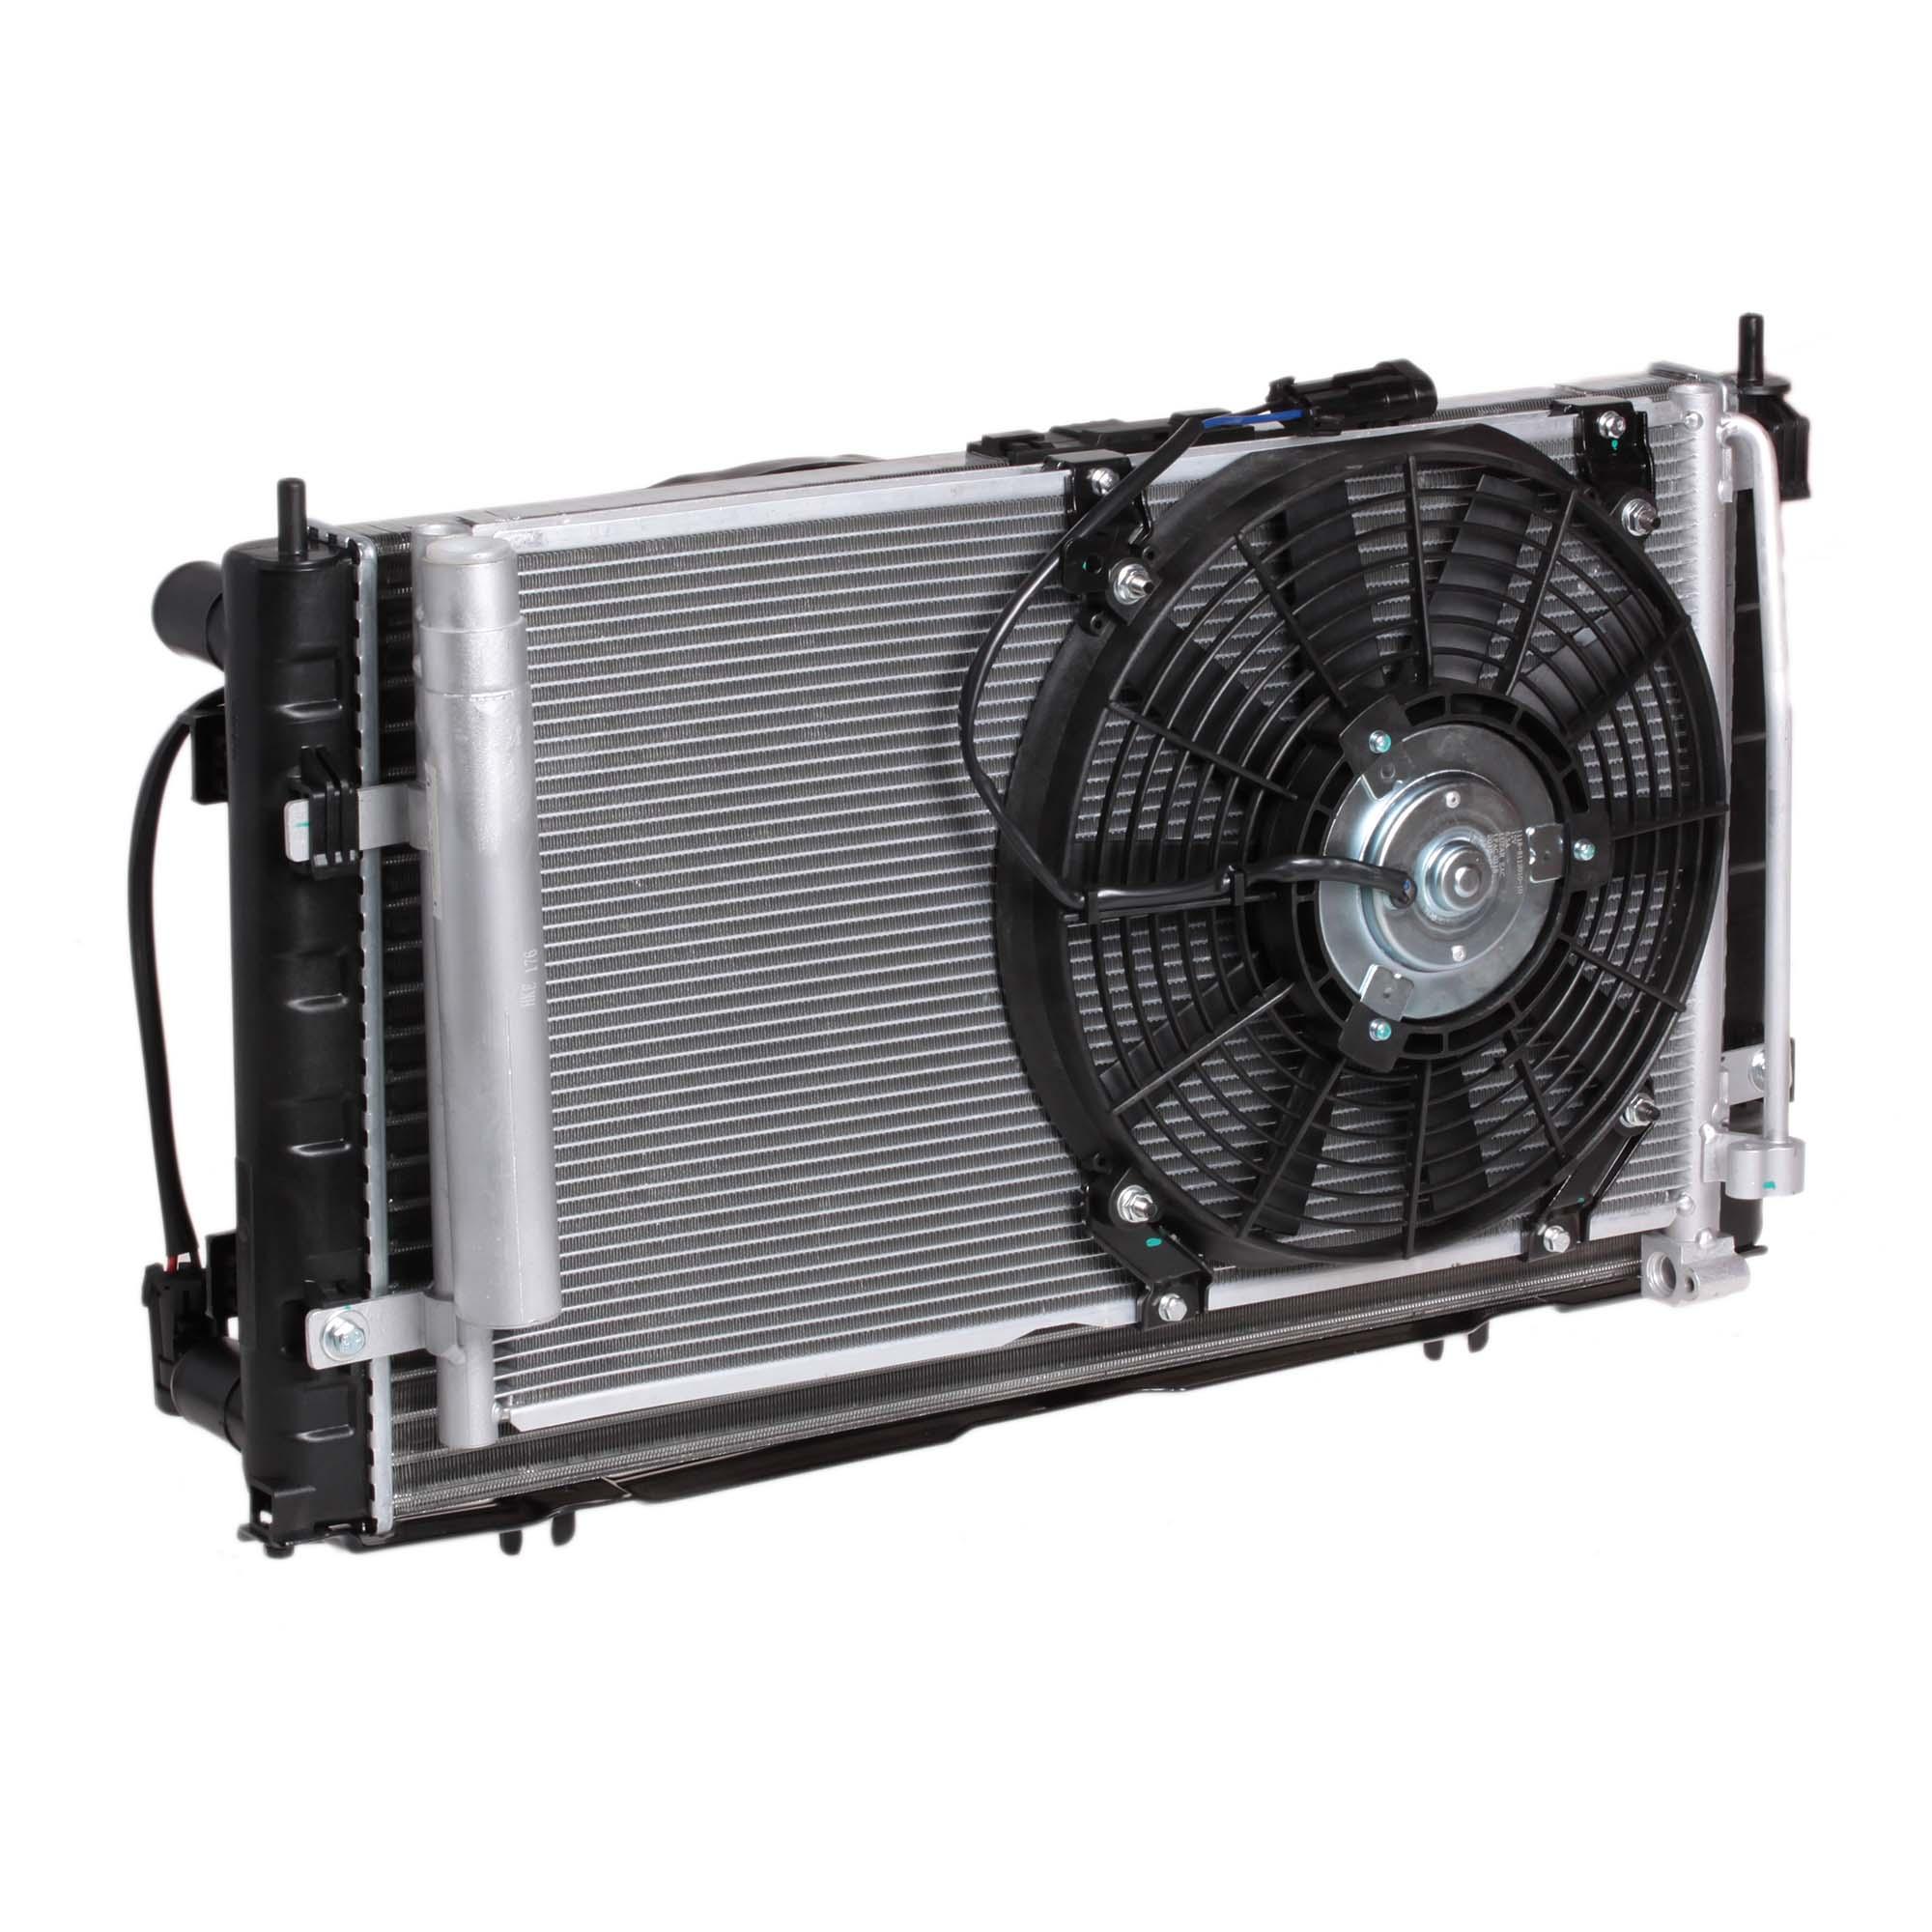 Блок охлаждения (радиатор+конденсер+вентилятор) для автомобилей Приора (тип Panasonic) LUZAR фото